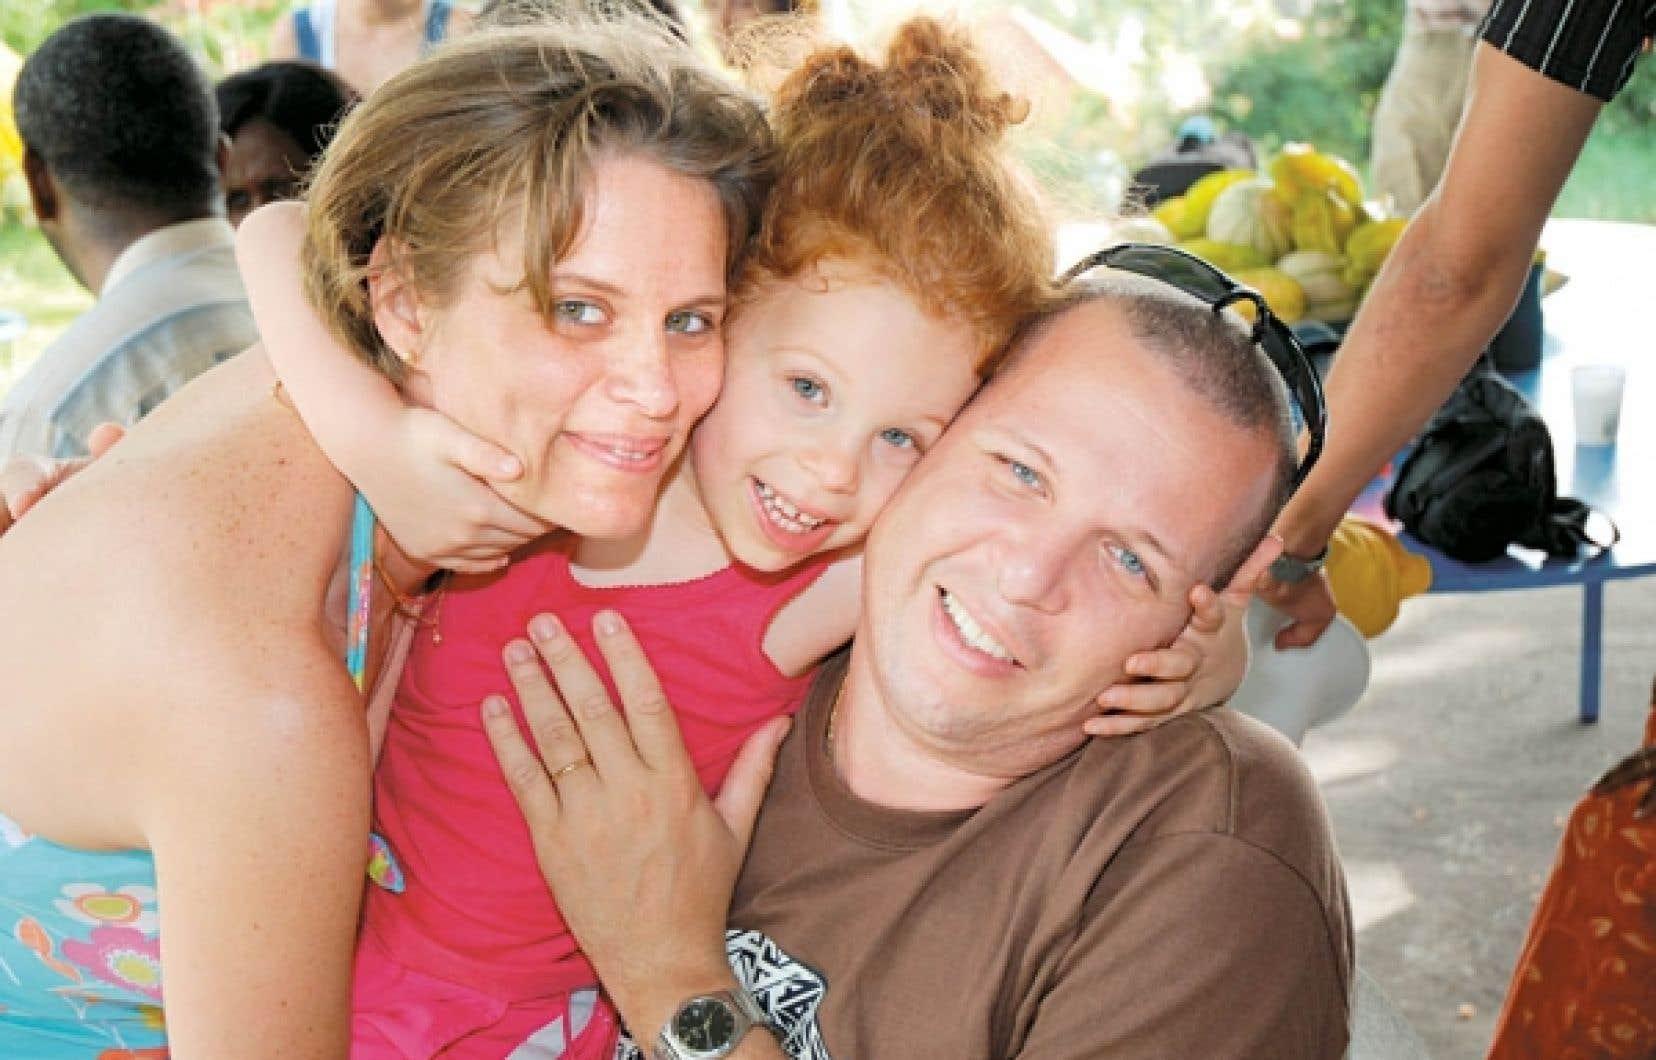 Consid&eacute;r&eacute;e comme un &laquo;fardeau excessif&raquo; pour la soci&eacute;t&eacute; par le gouvernement canadien, Rachel Barlagne, huit ans, s&rsquo;appr&ecirc;te &agrave; &ecirc;tre expuls&eacute;e avec sa famille. Sur la photo: Rachel entour&eacute;e de ses parents, Sophie et David Barlagne.<br />